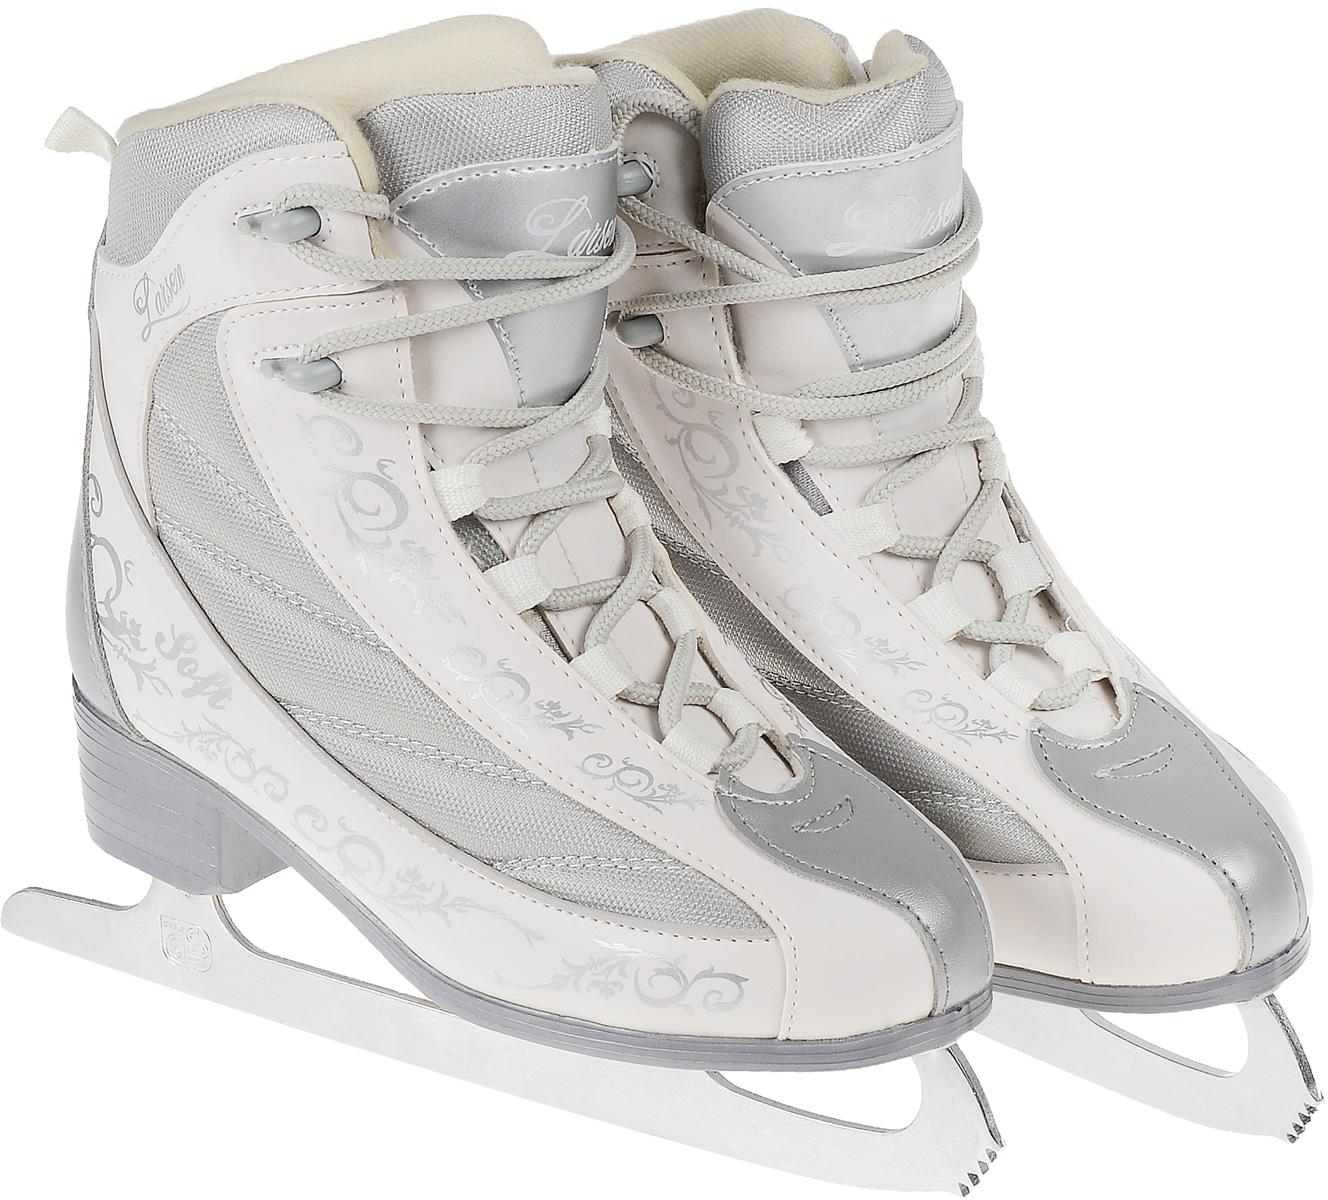 Коньки фигурные женские Larsen Soft, цвет: белый, серый. Размер 40